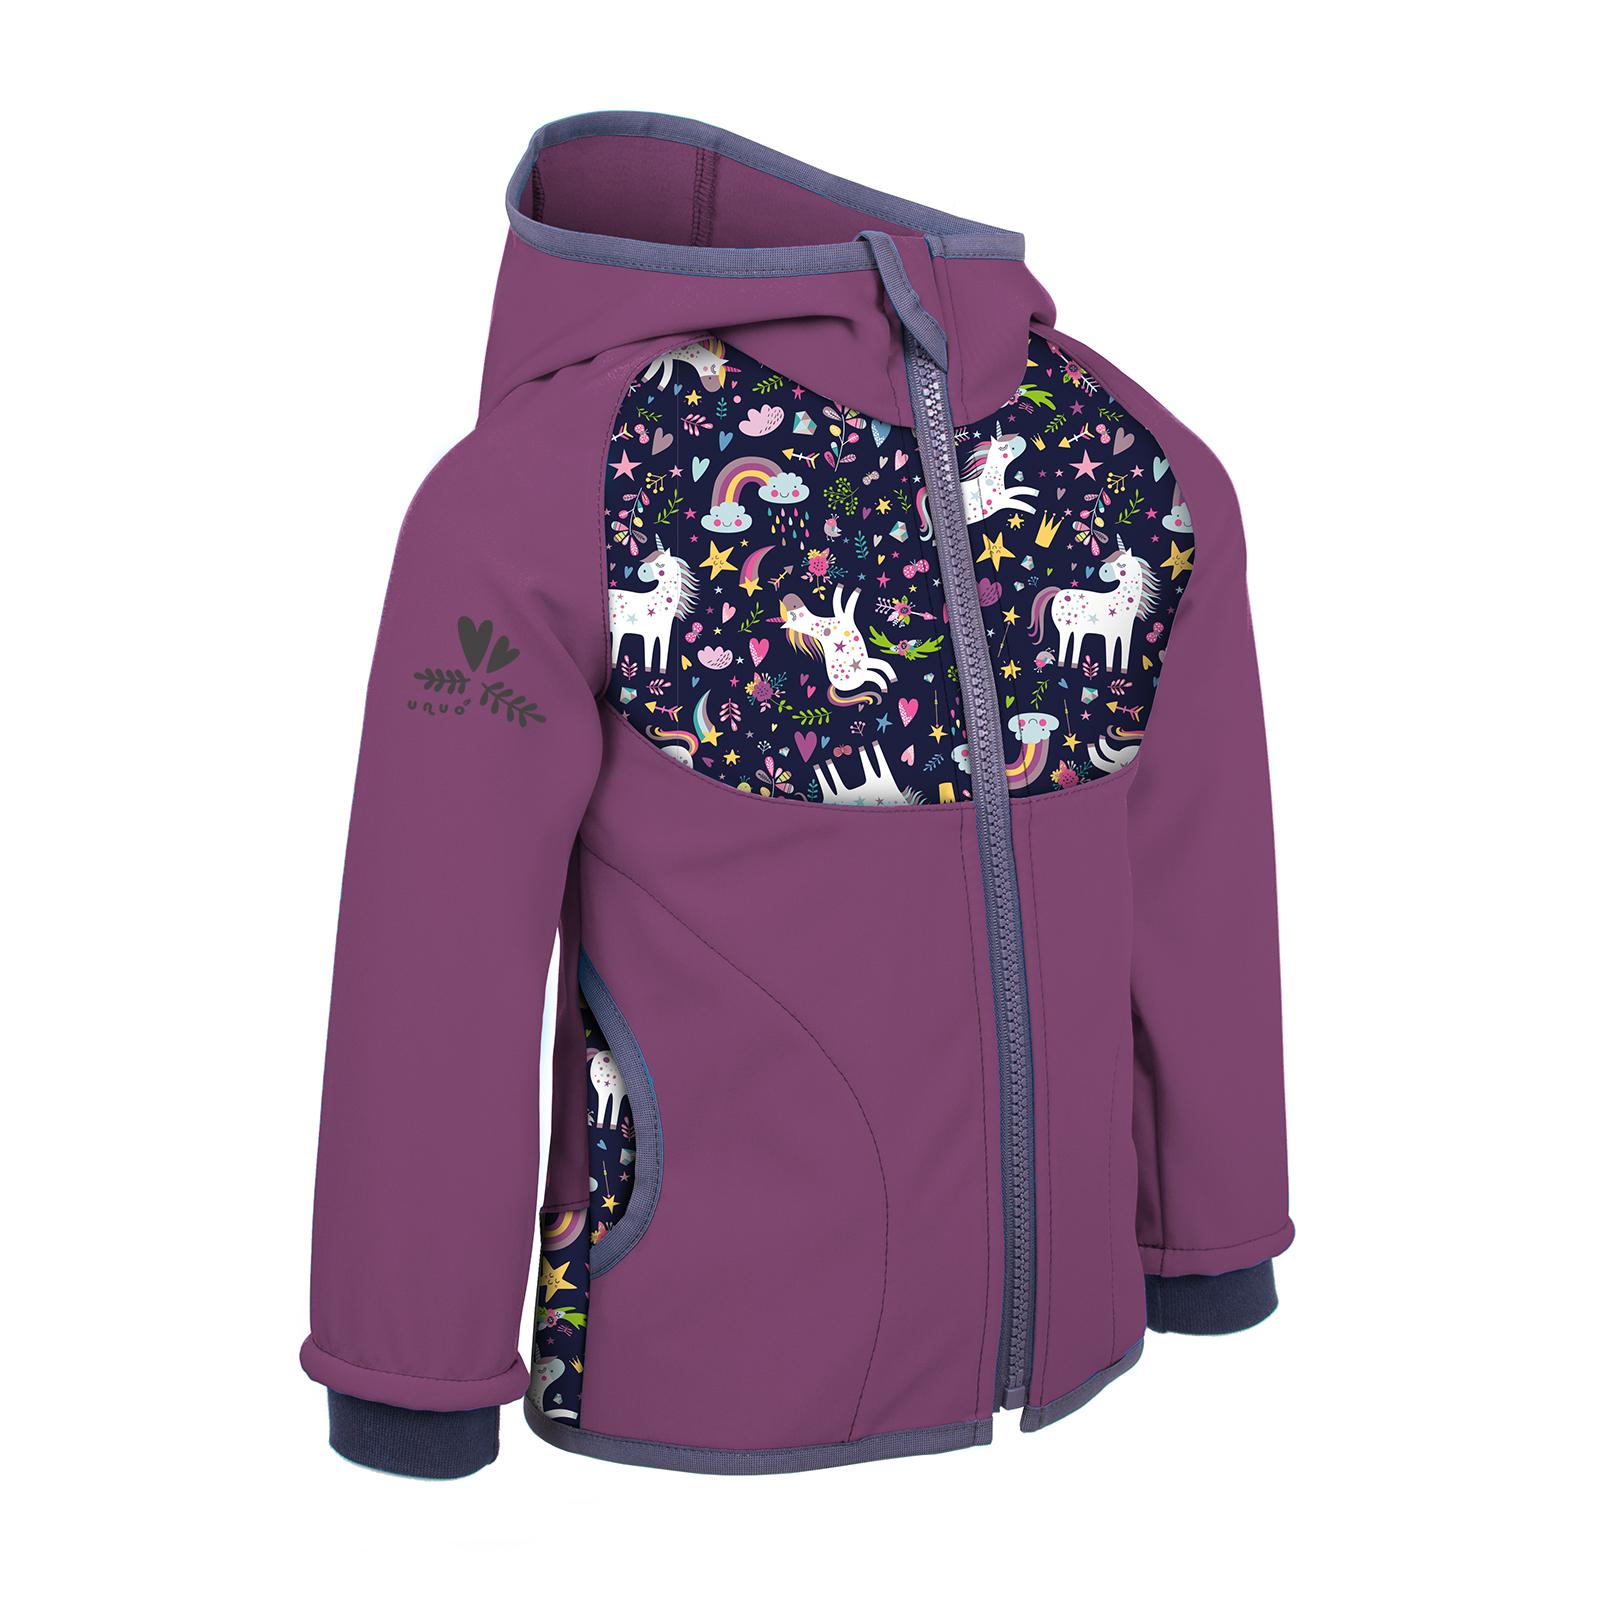 Unuo Softshellová bunda s fleecem, Ostružinová, Jednorožci Velikost: 80/86 dětská bunda